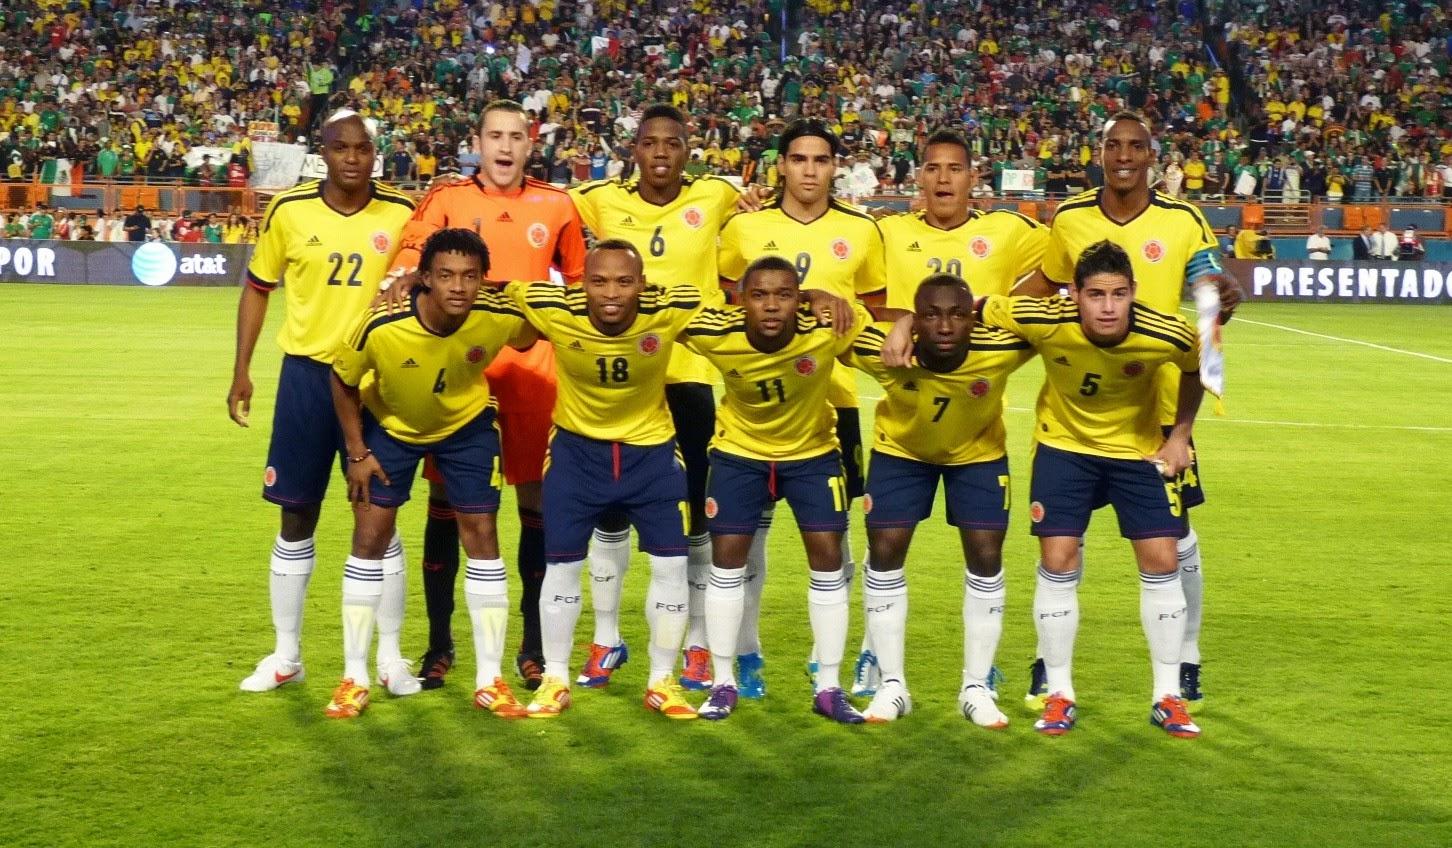 Футбольные картинки сборной колумбии, женским днем марта